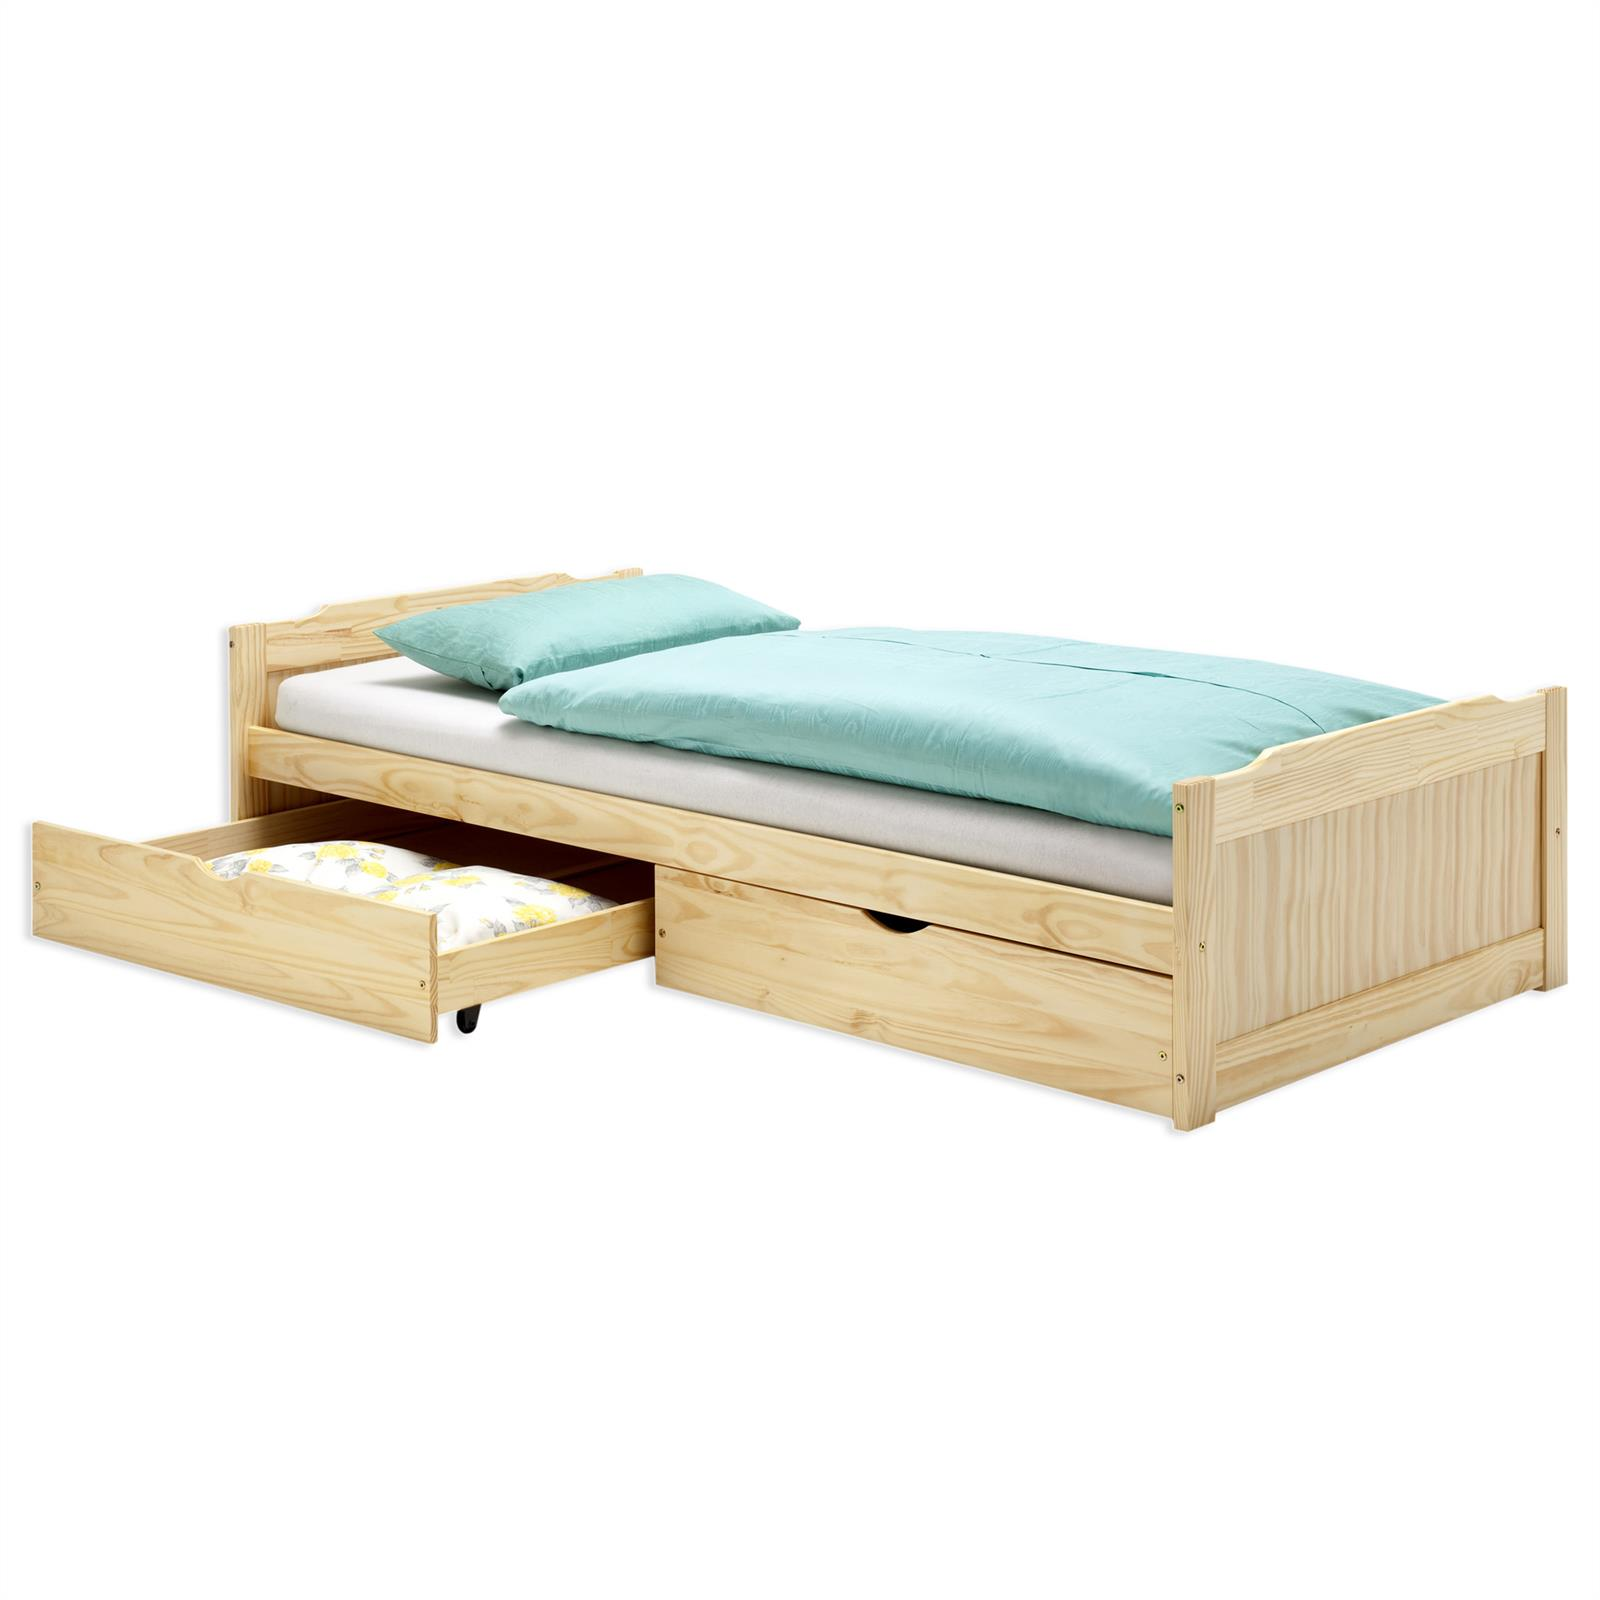 lit fonctionnel en pin fritz 90 x 200 cm vernis naturel mobil meubles. Black Bedroom Furniture Sets. Home Design Ideas